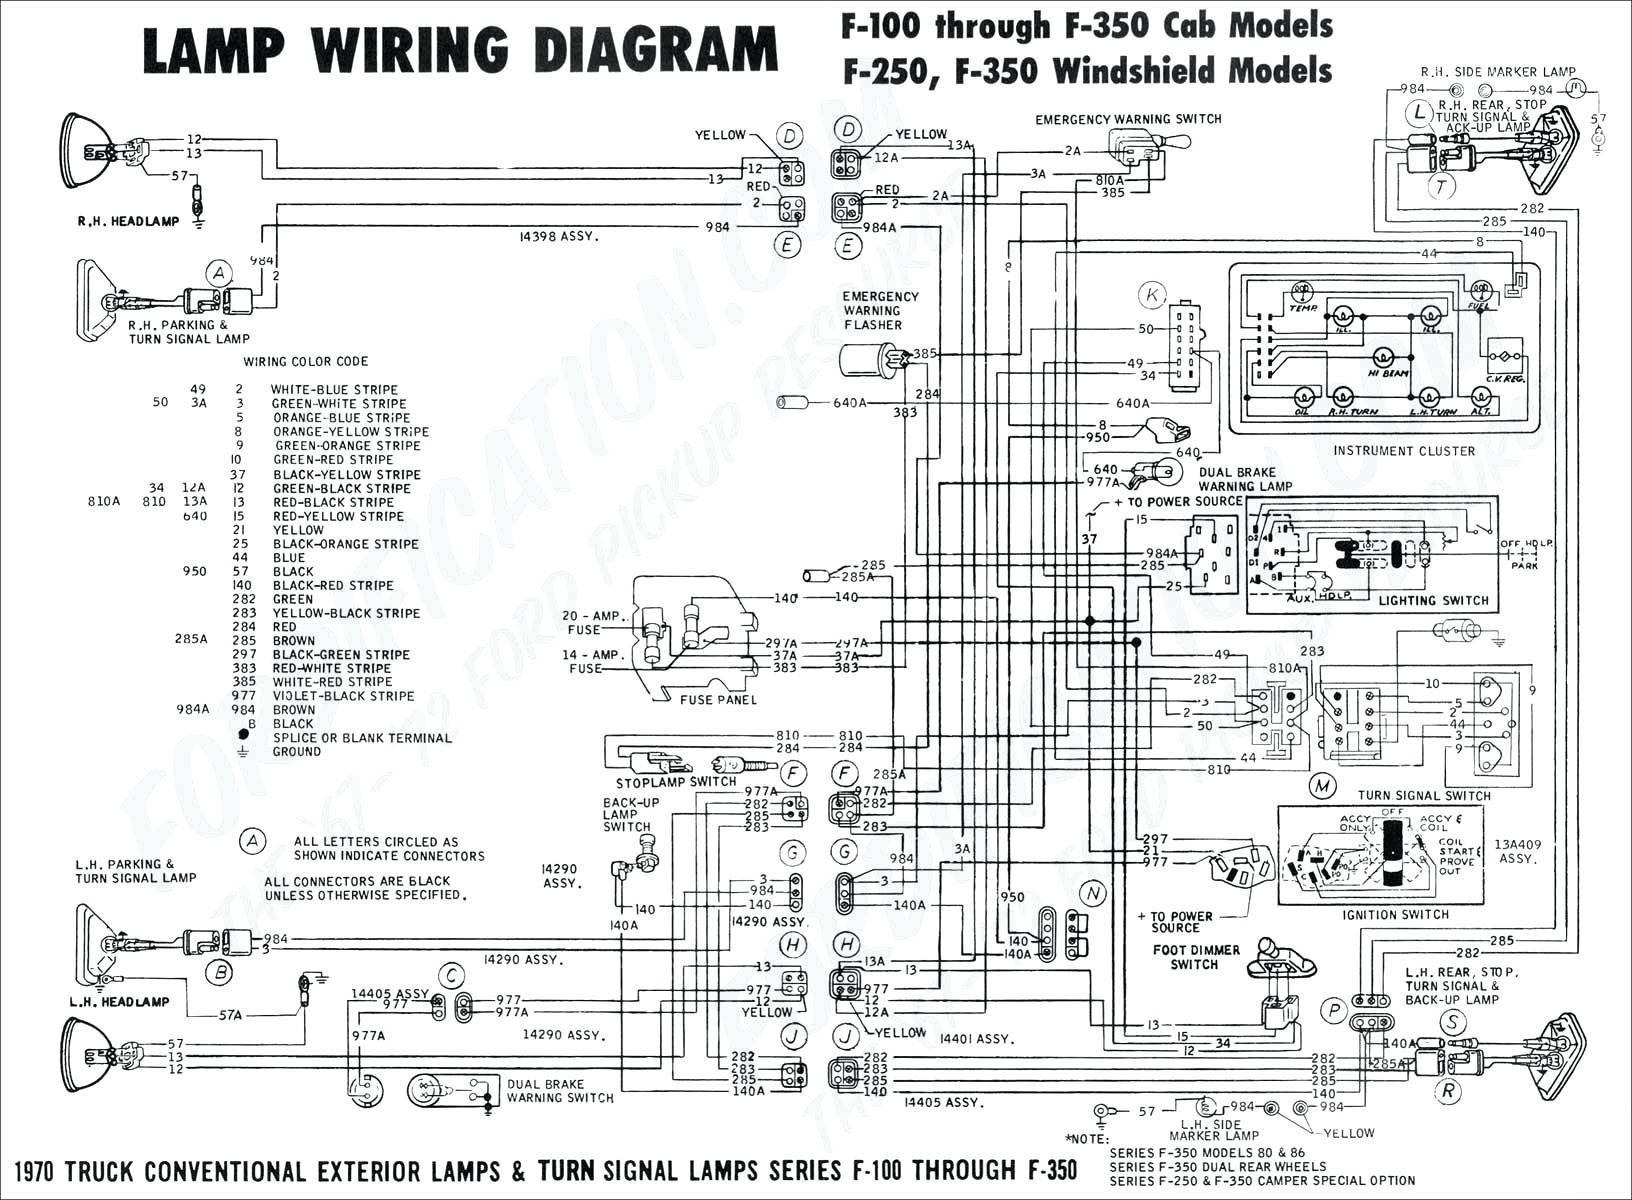 Ram Parking Lamp Circut Diagram